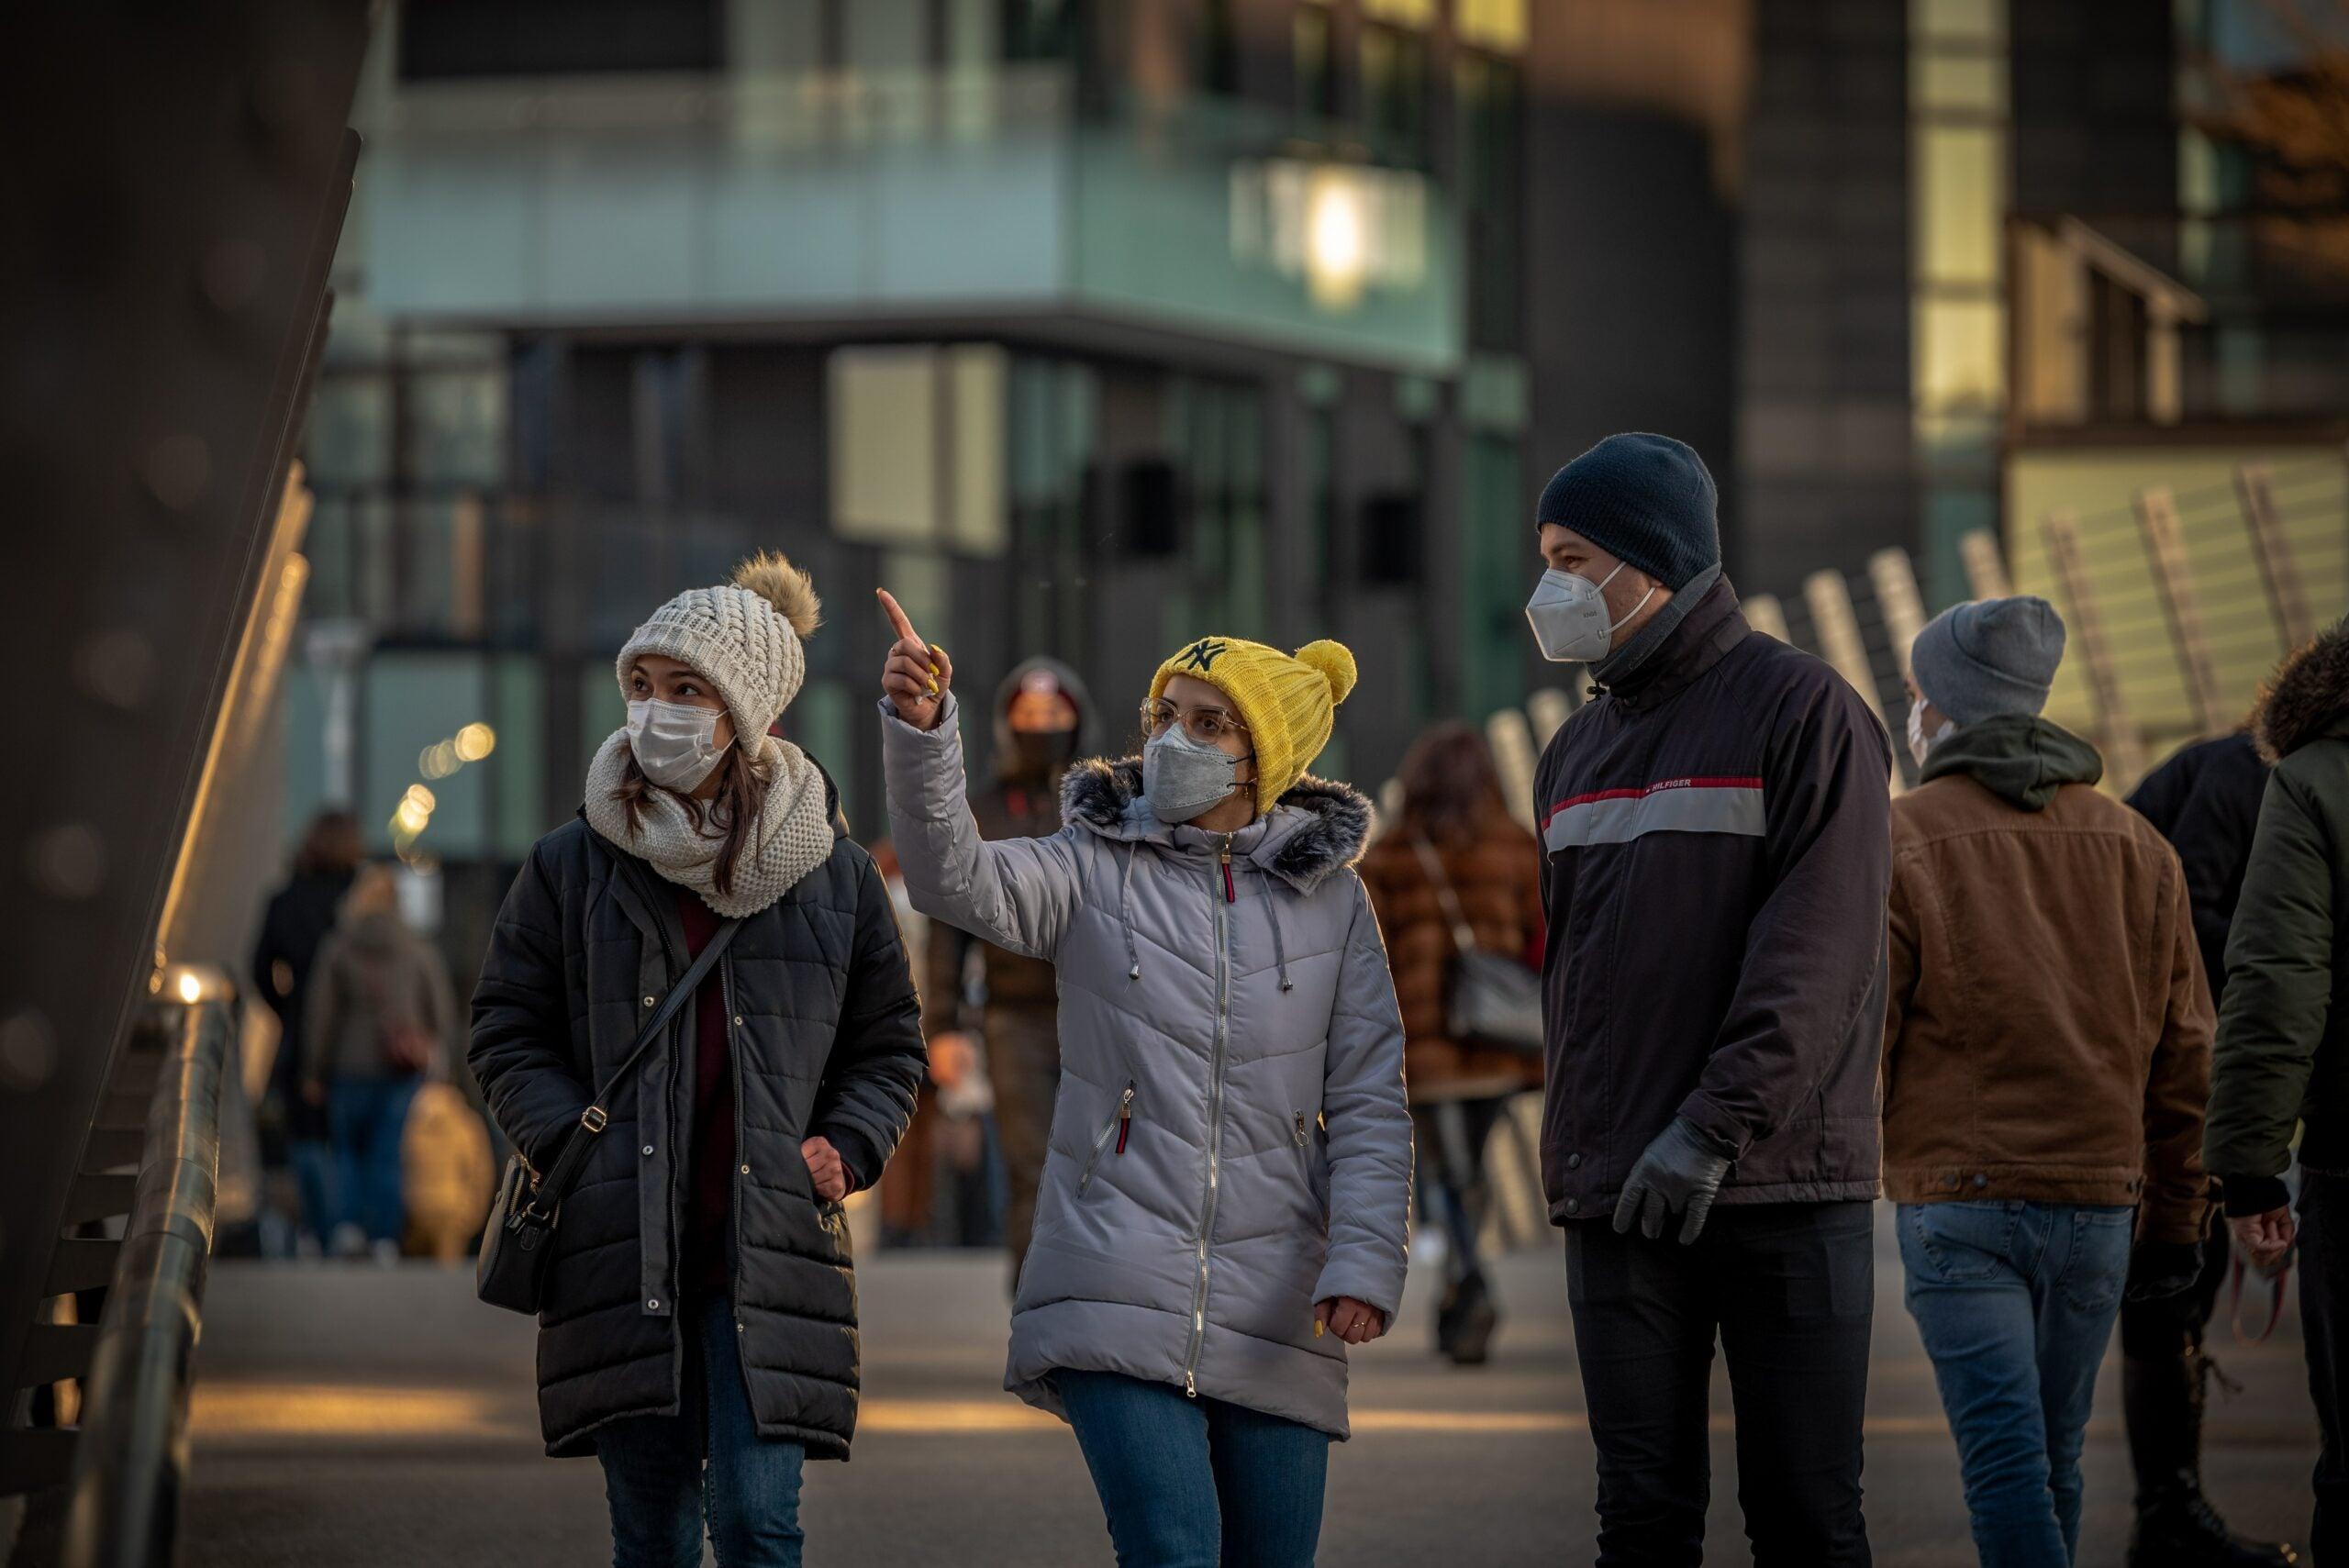 people wearing masks walking down a street